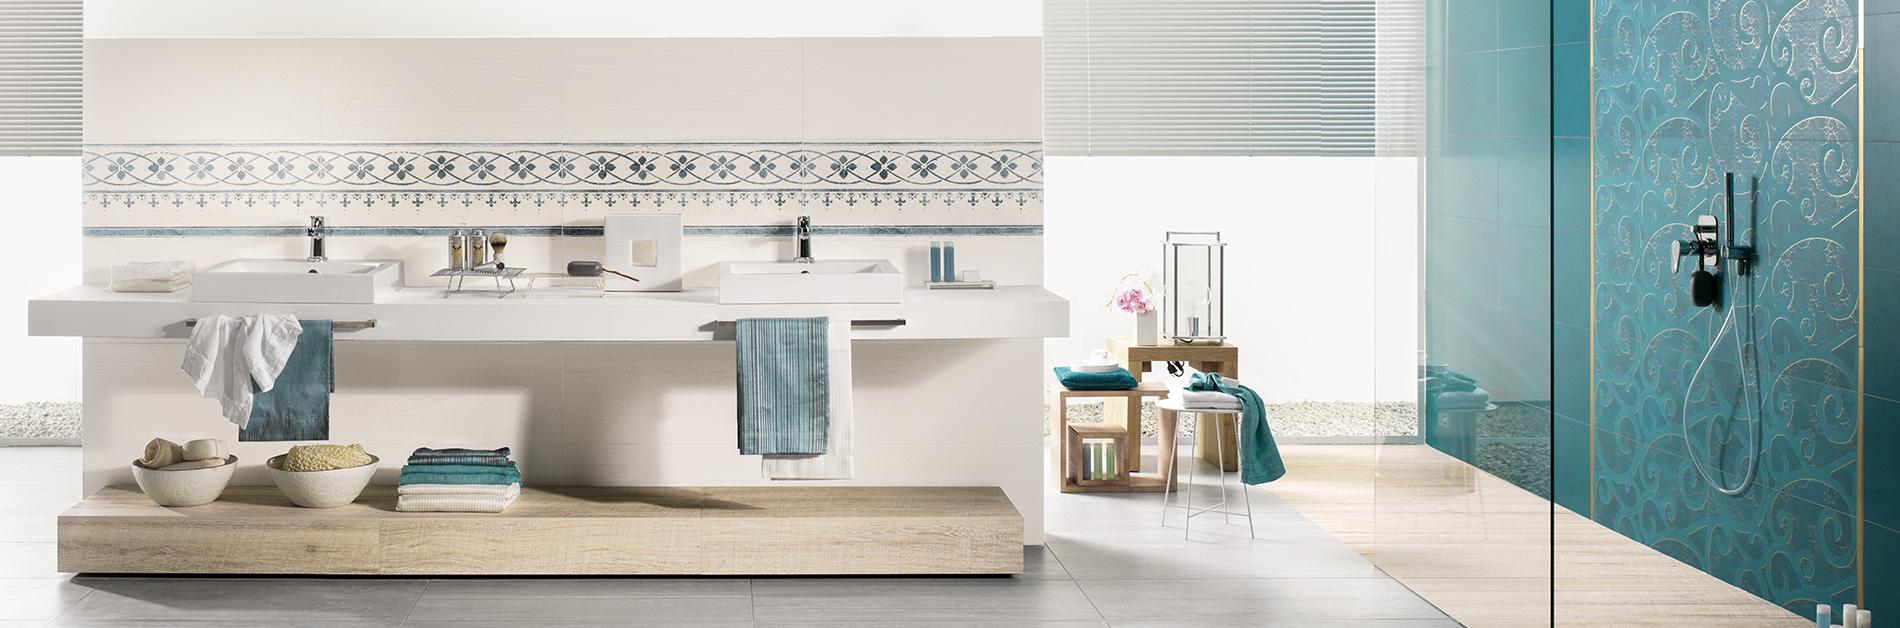 Badezimmer-Möbel, Armaturen und Accessoires - Baderie aus Köln